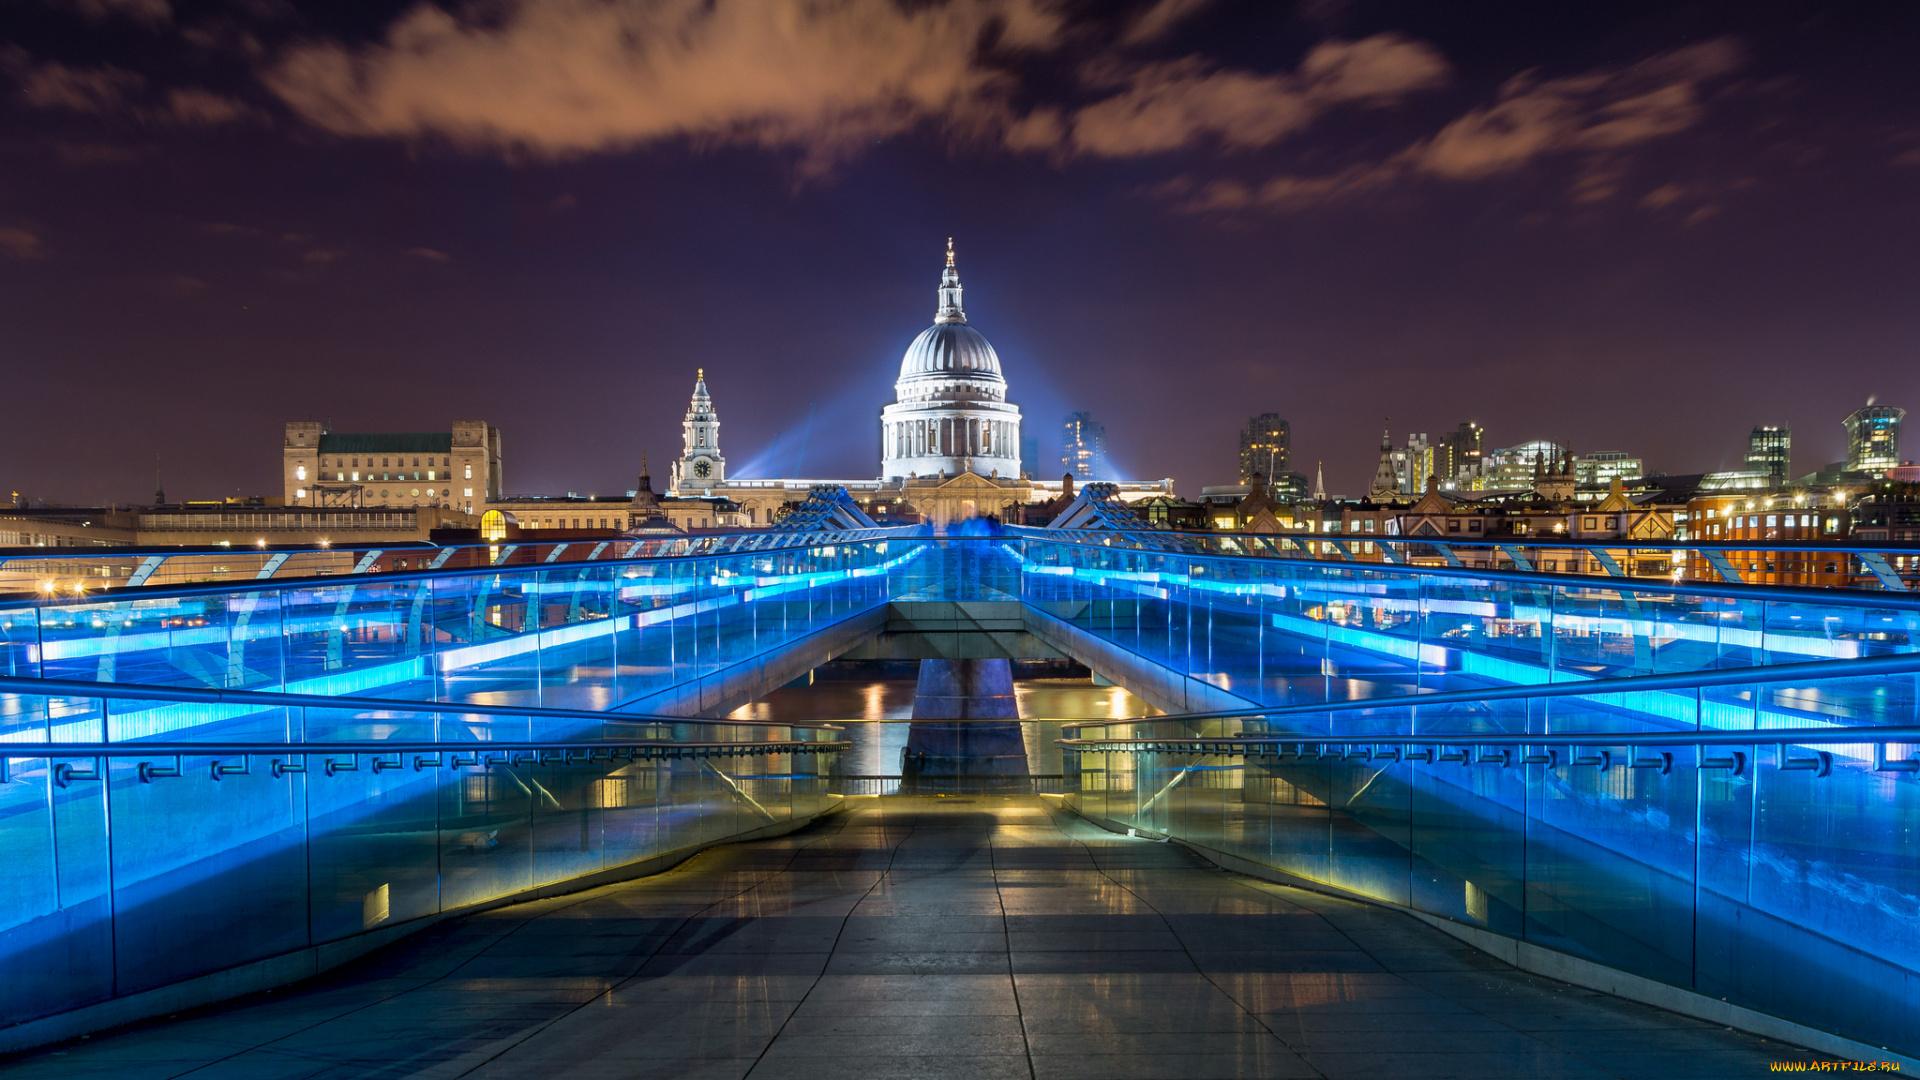 Мост Тысячелетия Лондон страны архитектура без регистрации